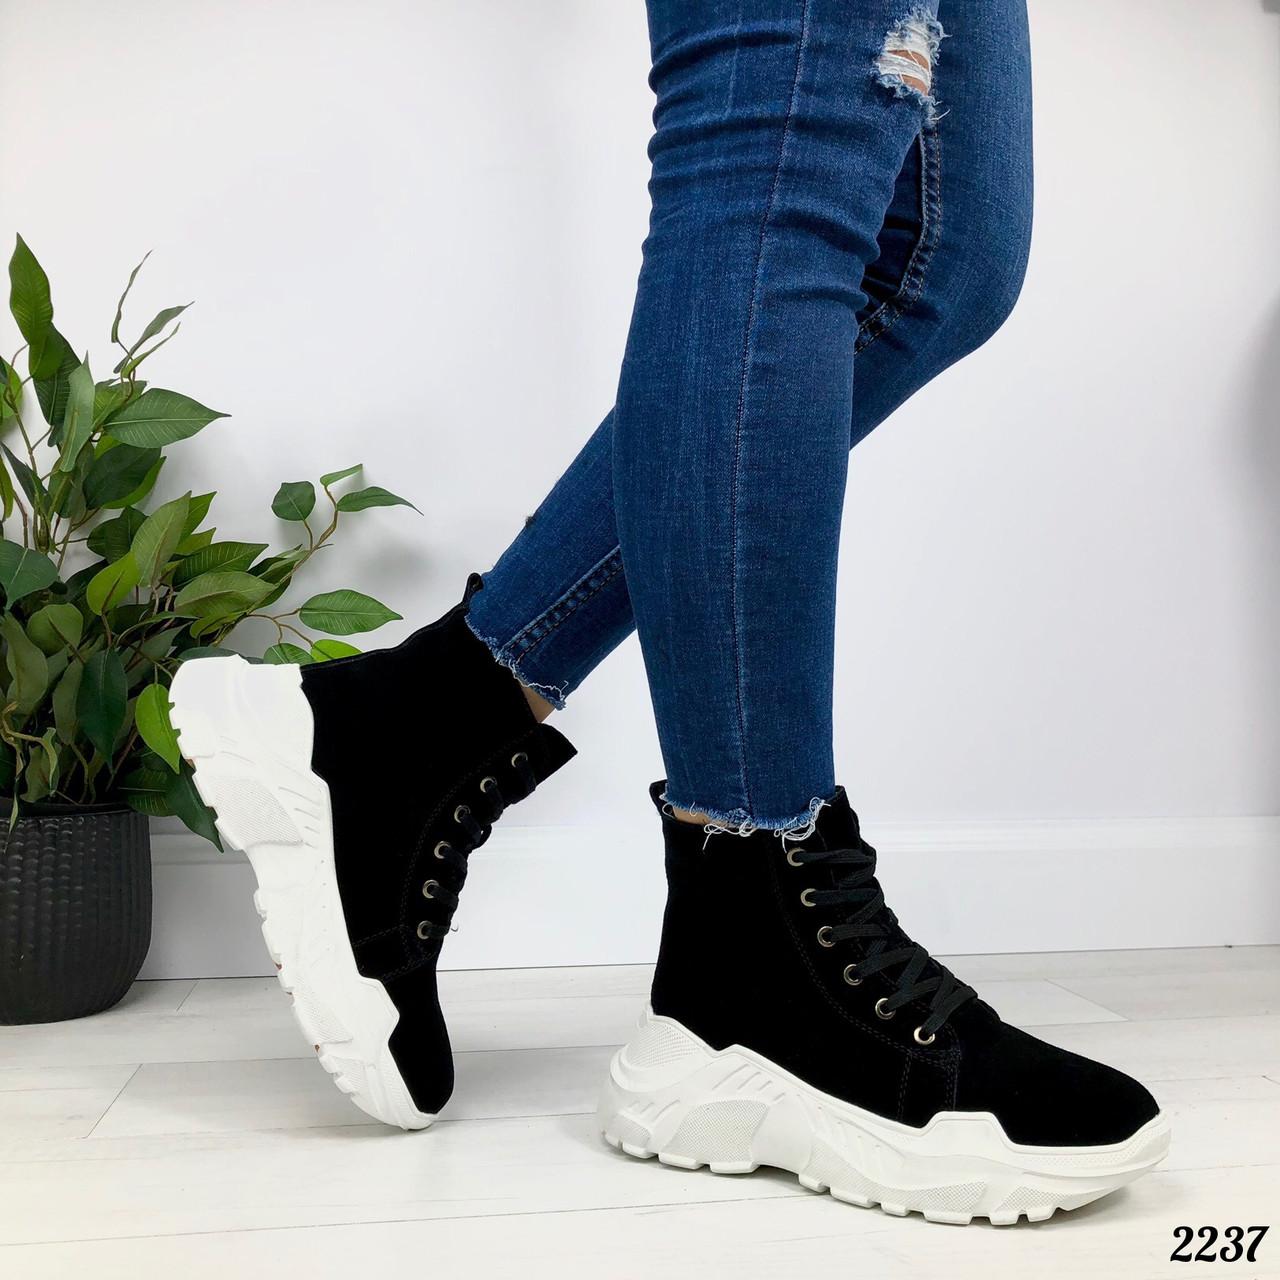 ТОЛЬКО на 23 см! Женские осенние ботинки черные натуральная замша